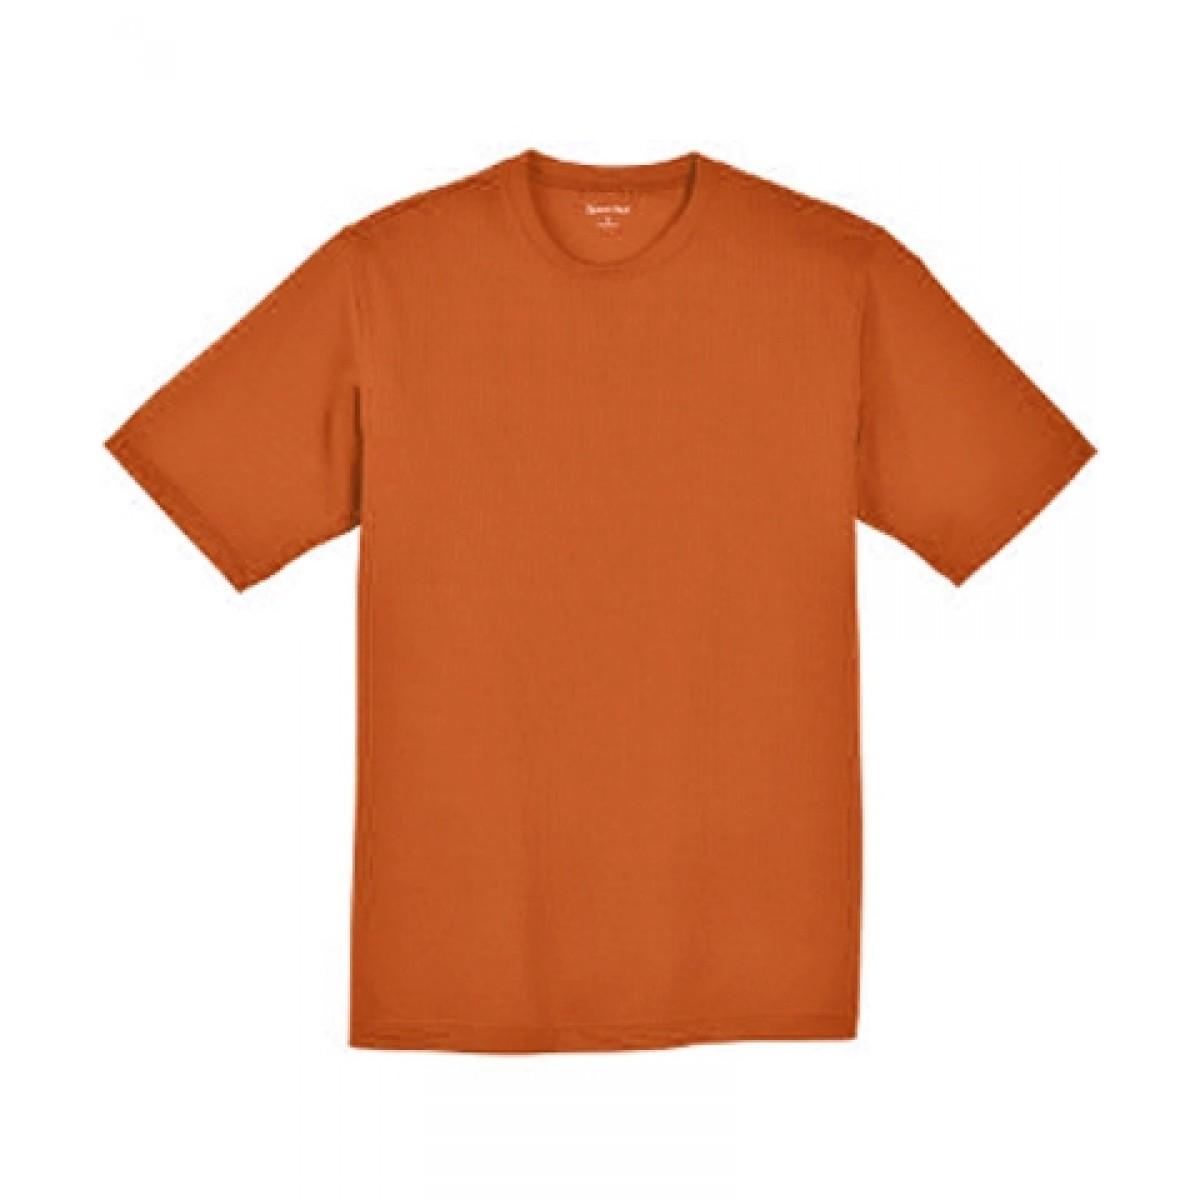 CLOSEOUT!!! SS Dri-Fit Tees-Orange-2XL